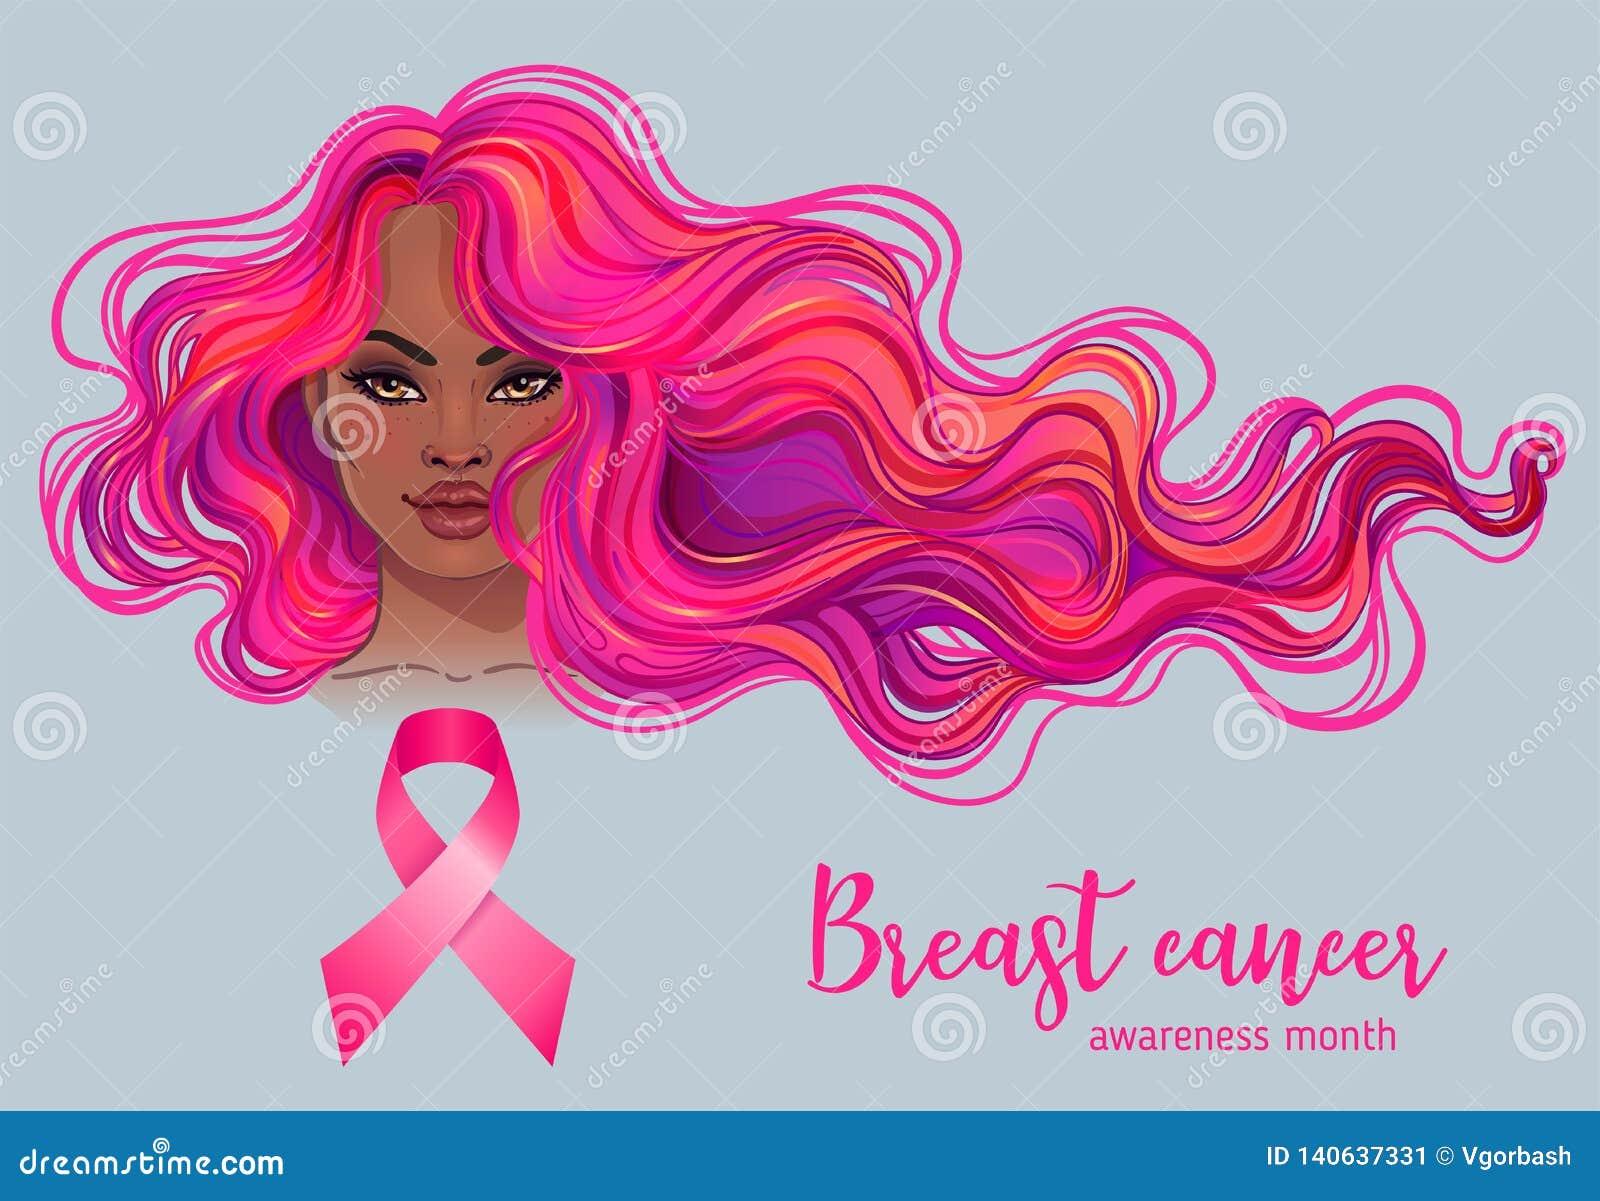 Oktober: Bröstcancermedvetenhetmånad, årlig aktion att öka medvetenhet av sjukdomen Afrikansk amerikankvinna med bröstet